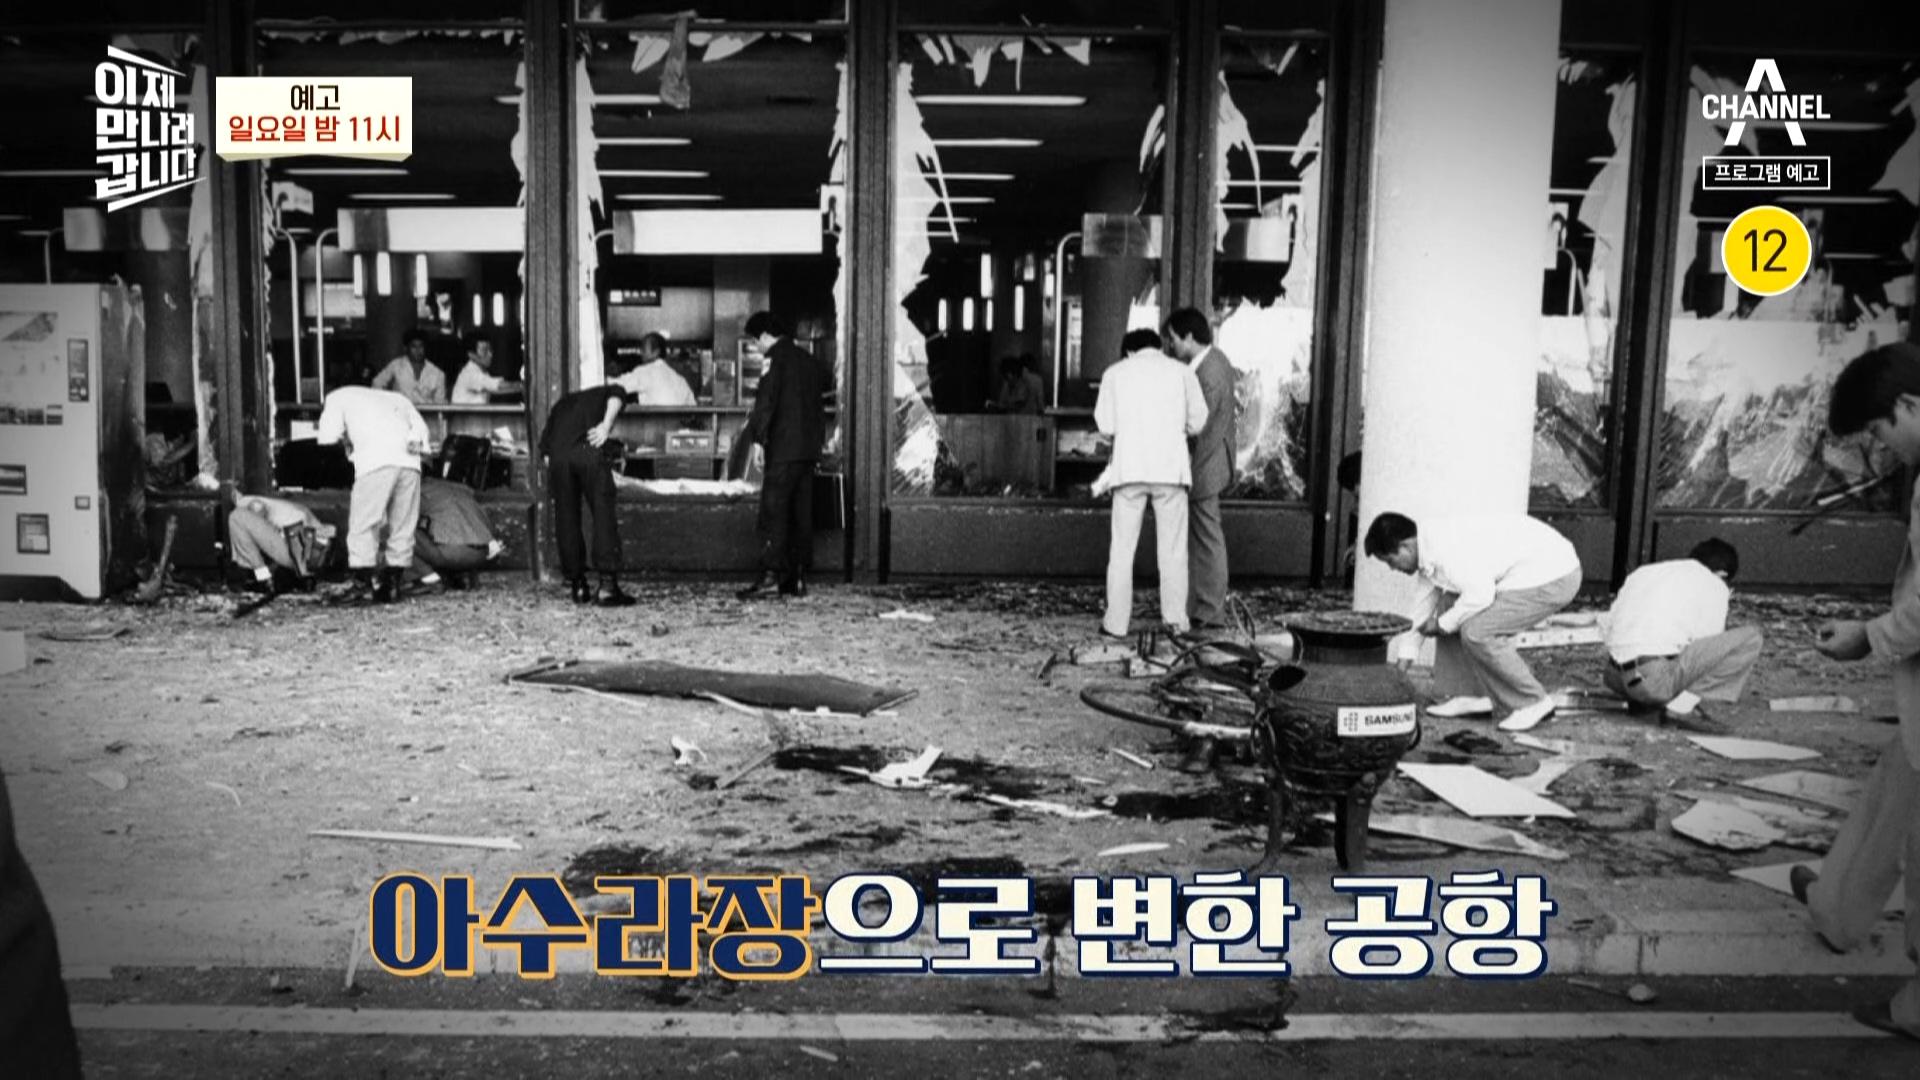 [예고] 김포 공항에서 일어난 폭탄 테러! 23년 뒤 ....